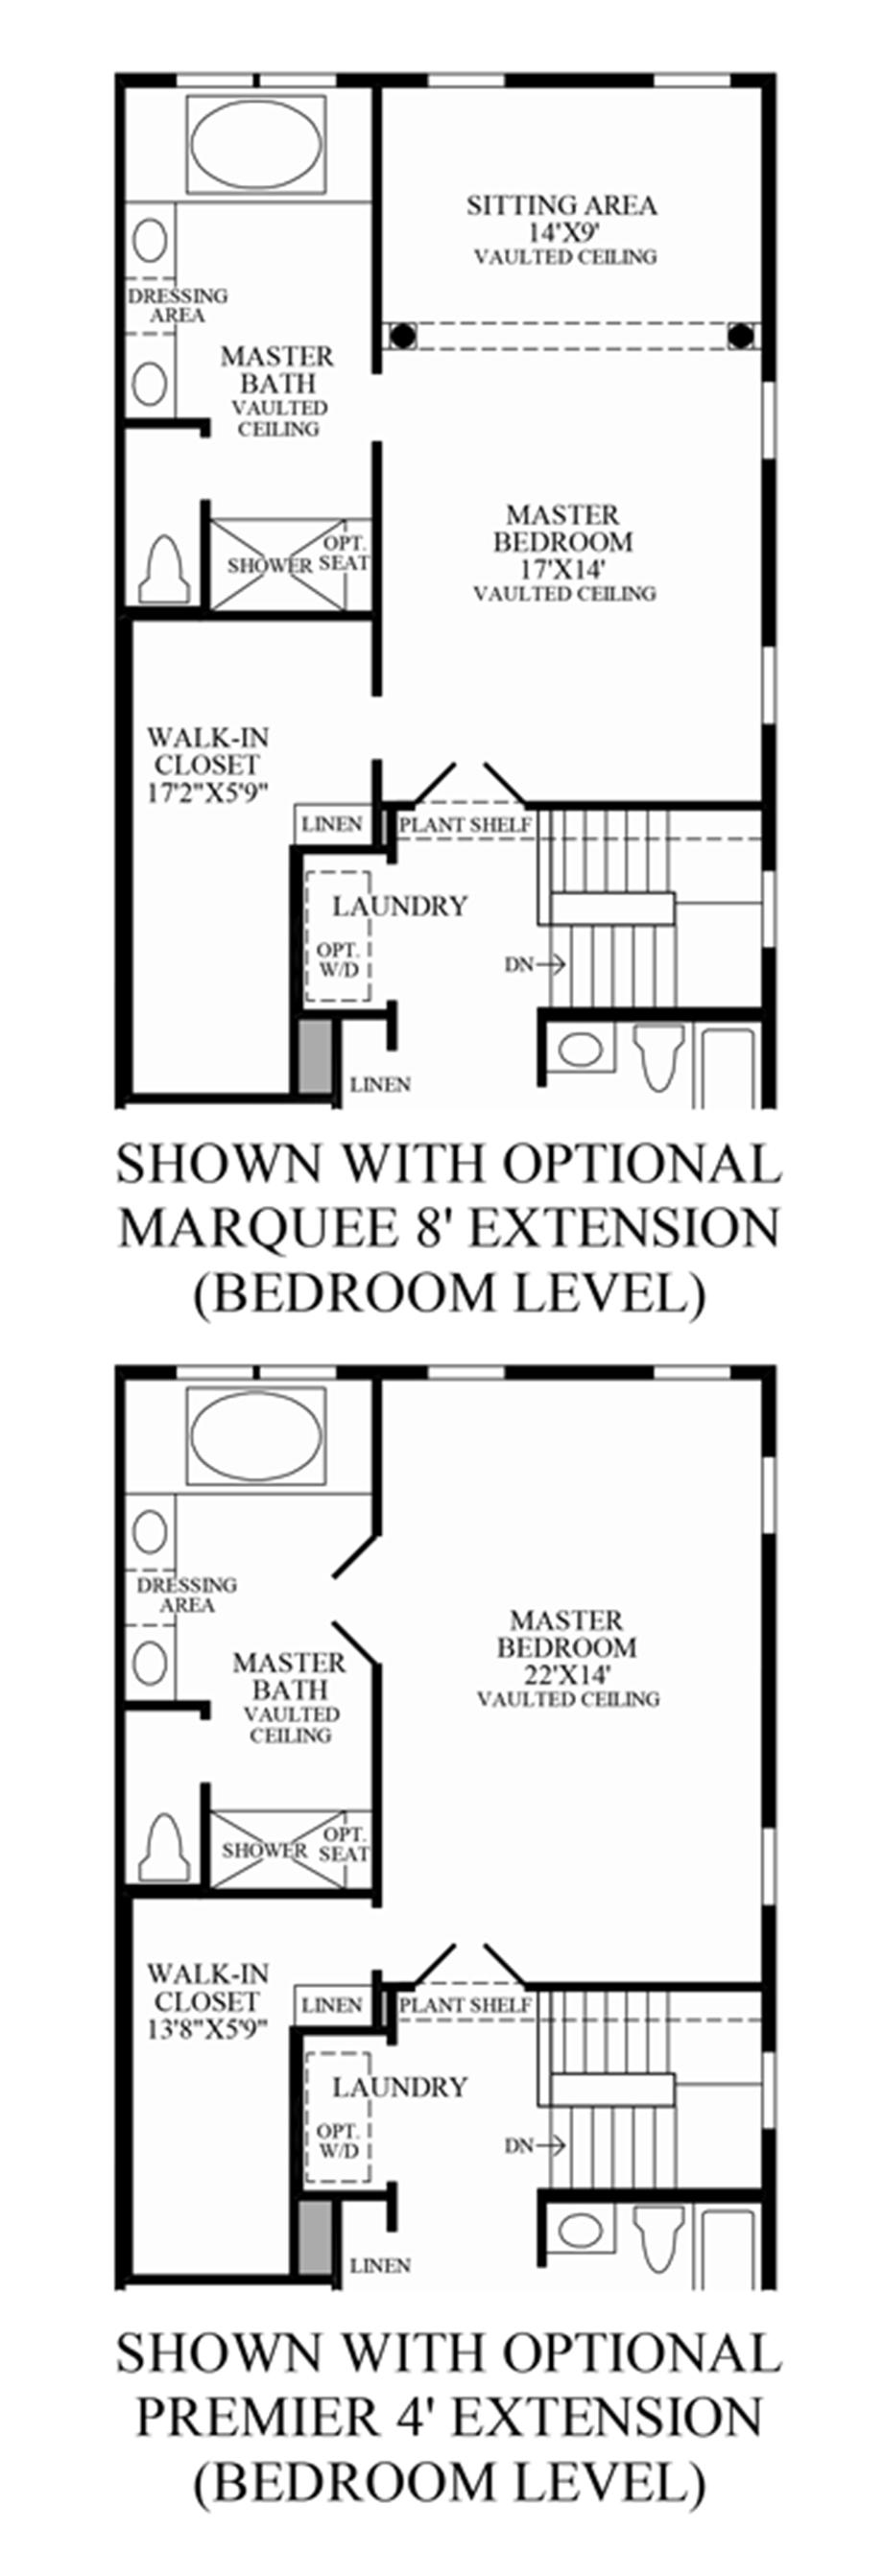 Optional Bedroom Level Extensions Floor Plan